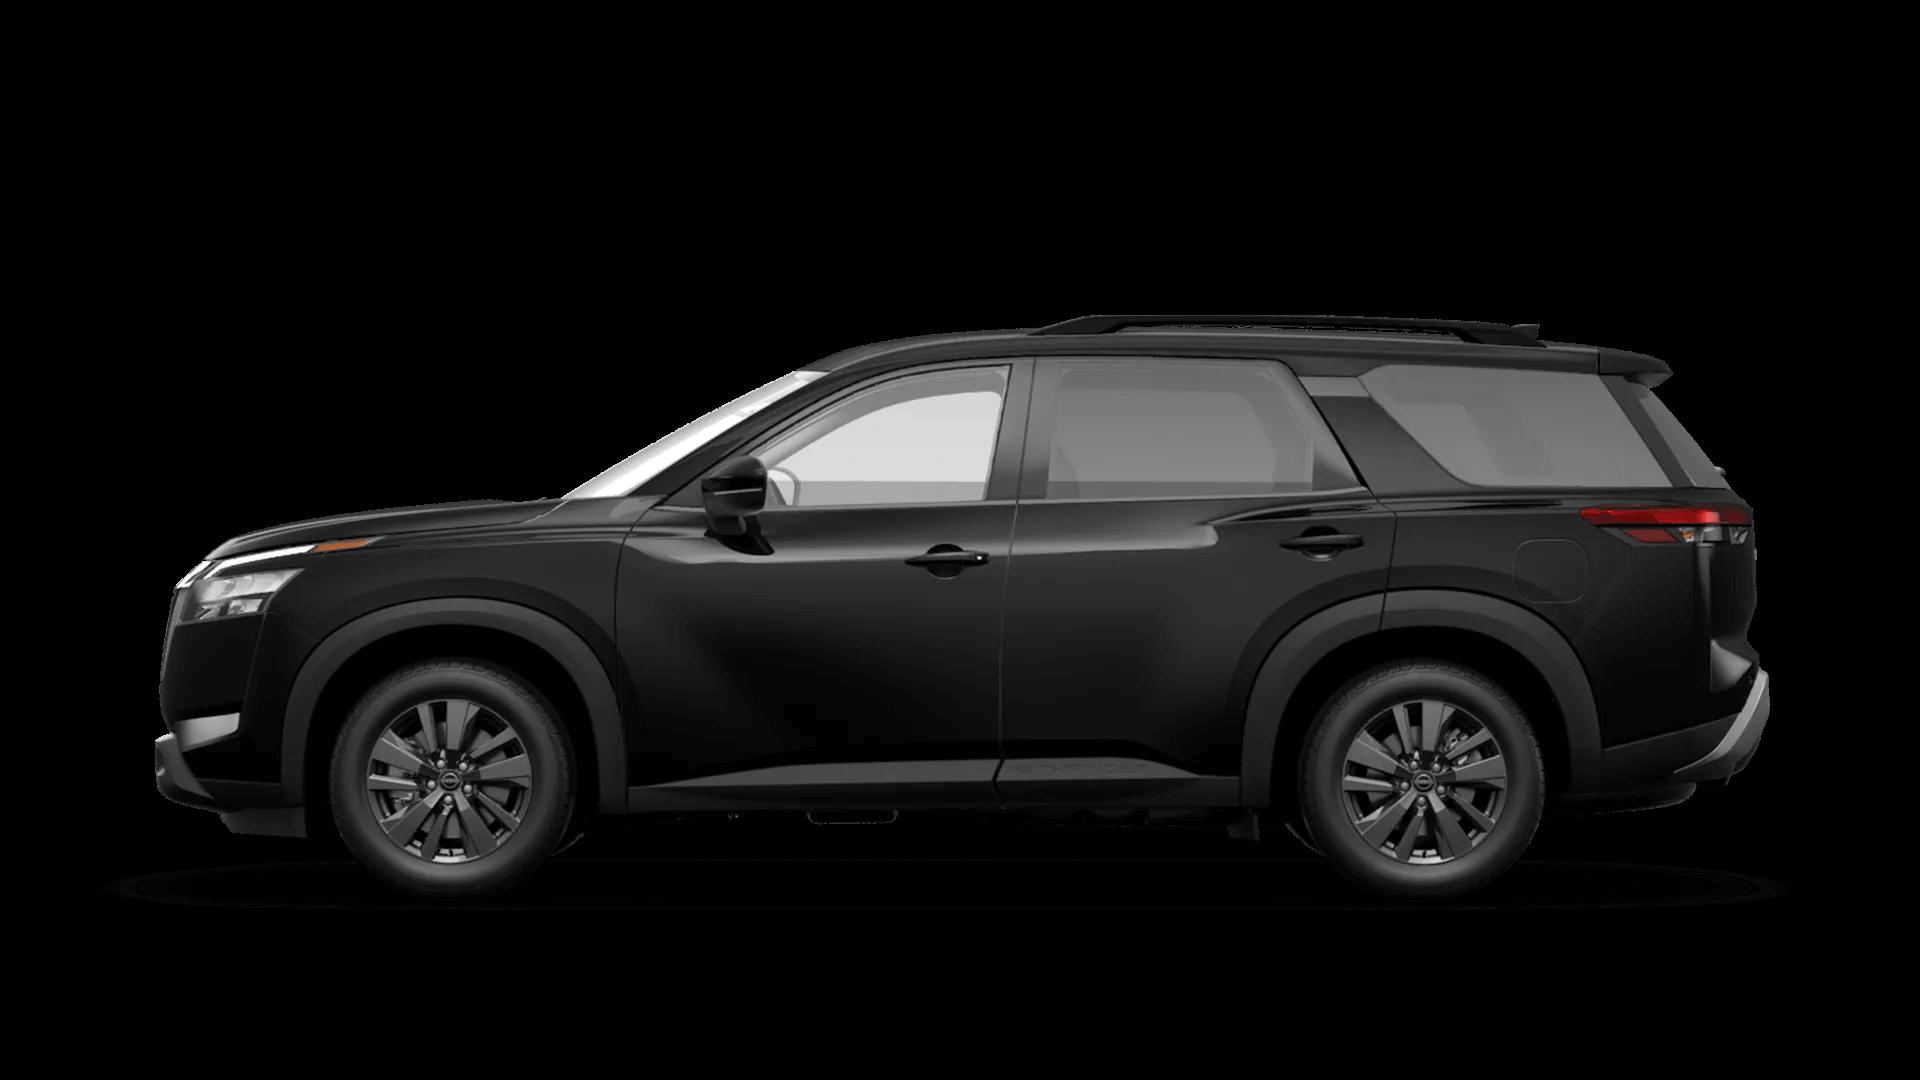 2022 Pathfinder® SV 2WD in Super Black